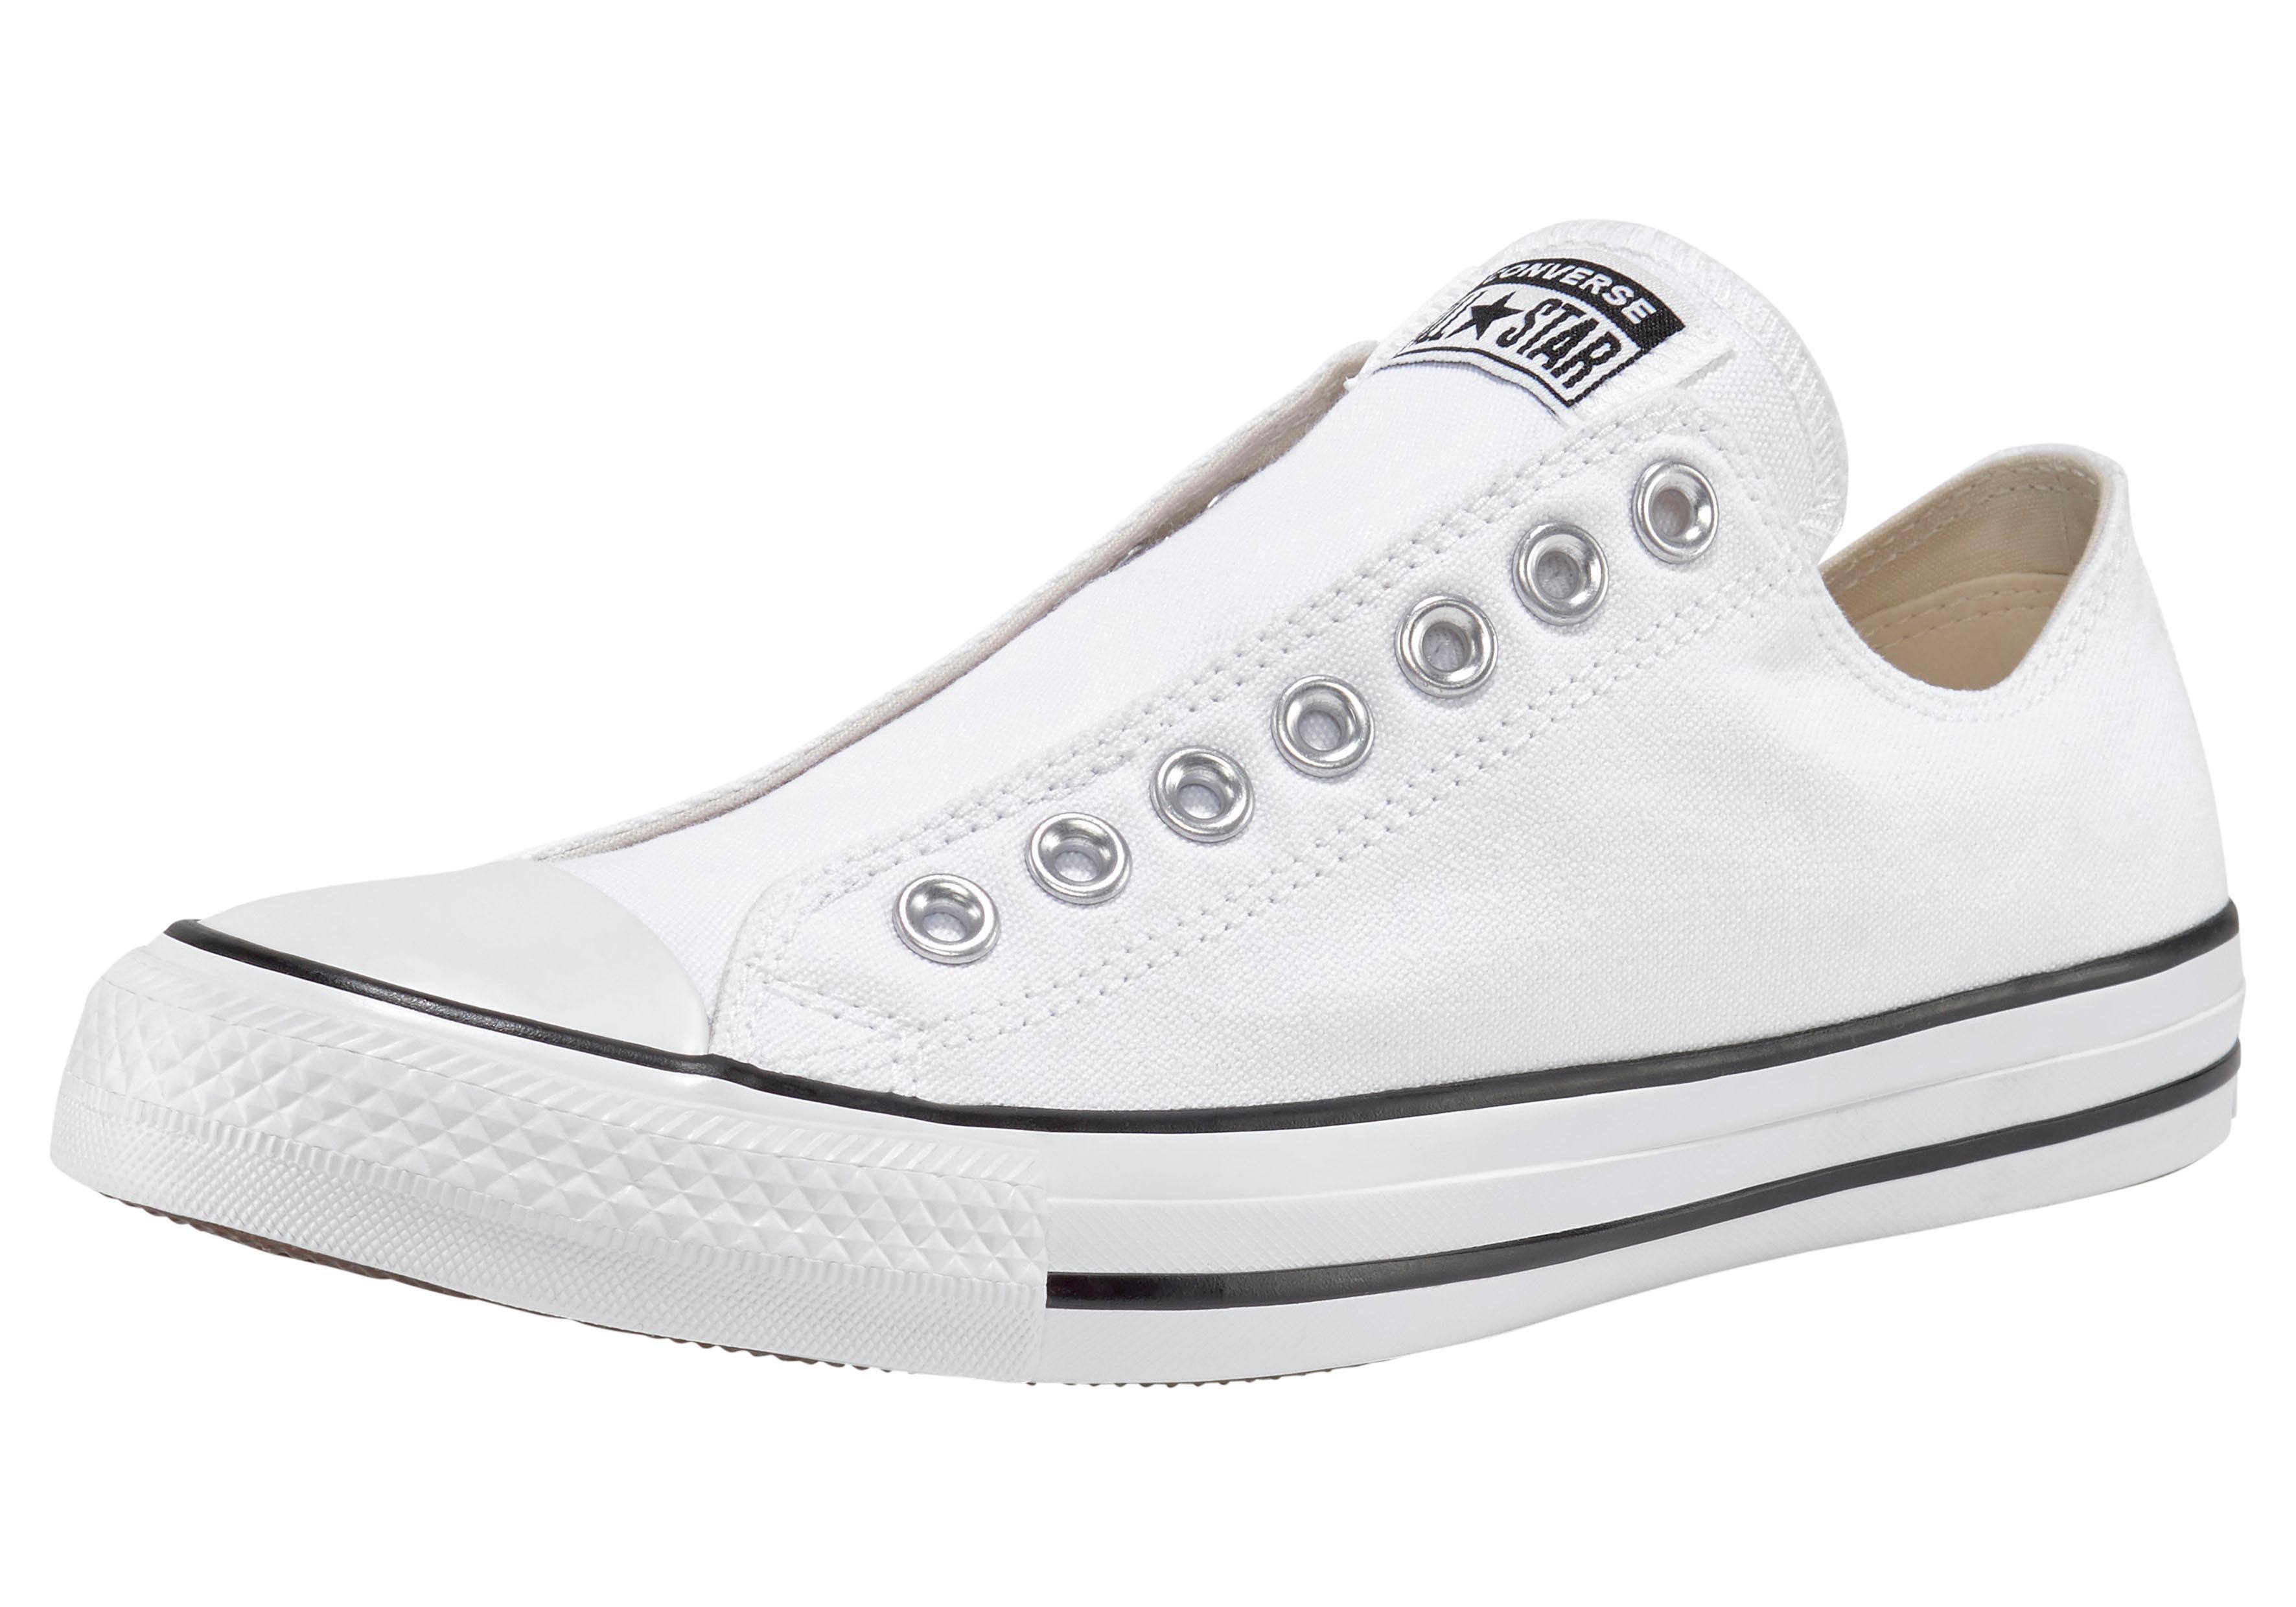 Converse Chucks Slip 37 Preisvergleich • Die besten Angebote